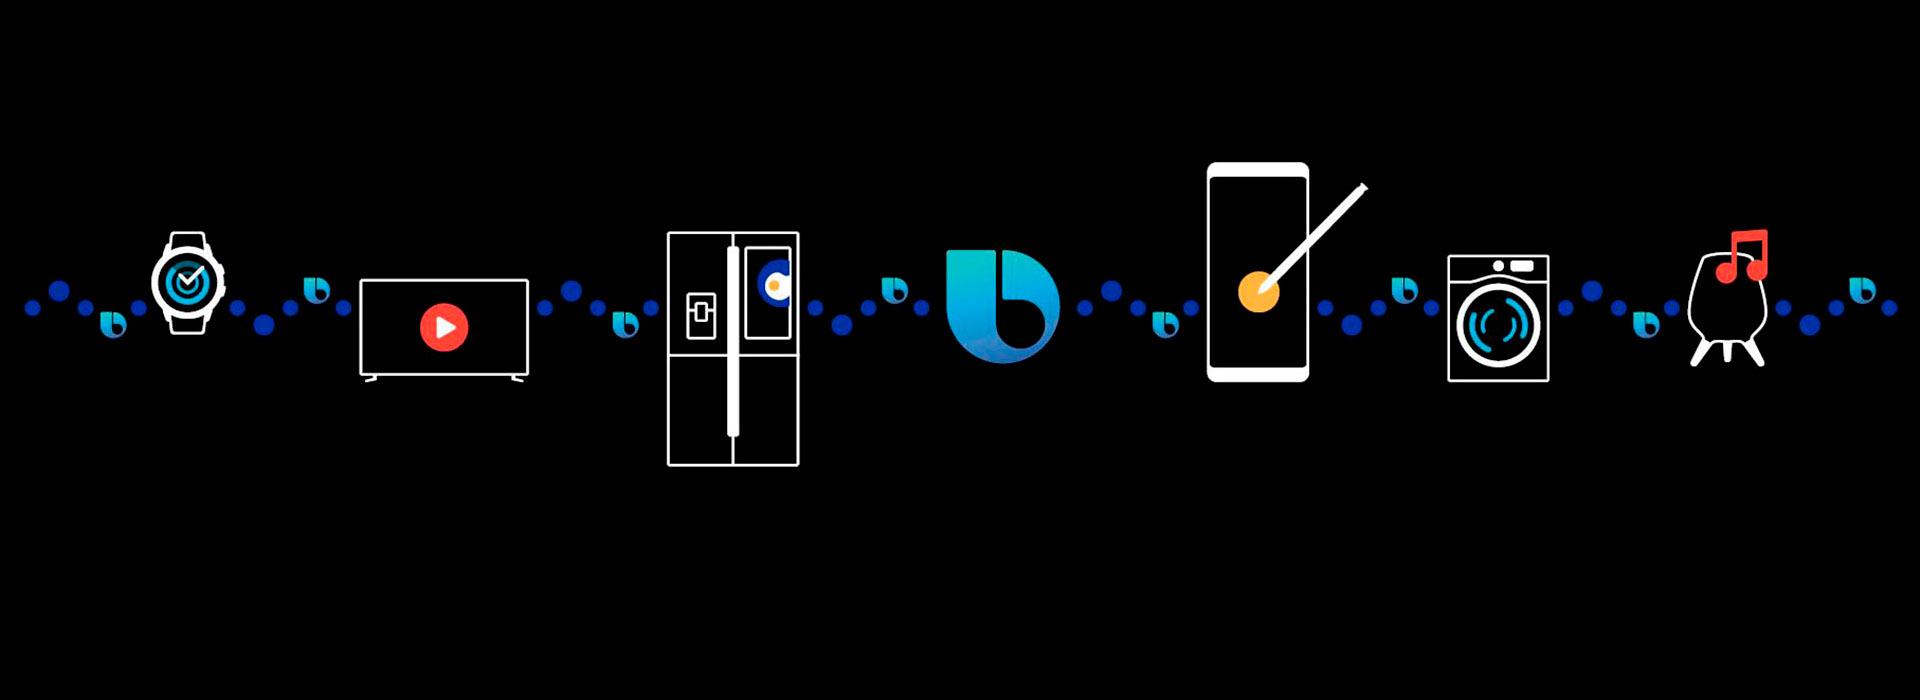 «Внеси свой вклад в экосистему Samsung!» – конкурс идей. Главный приз — Galaxy S10 - 1